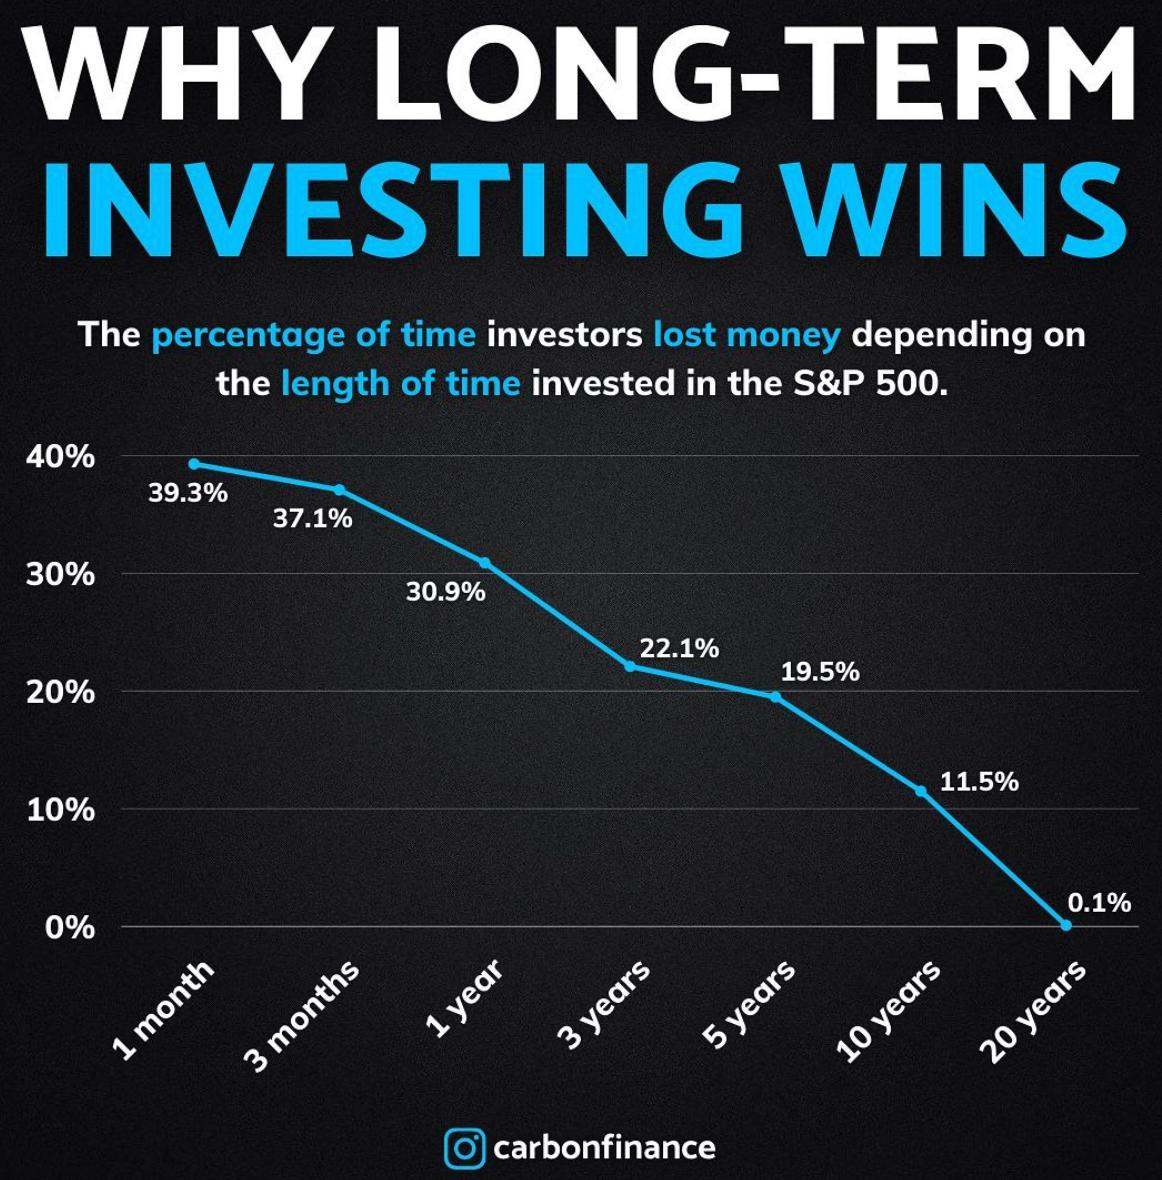 この画像はS&P500へ投資し続けた場合のリスクヘッジ期間を、グラフにて表しています。